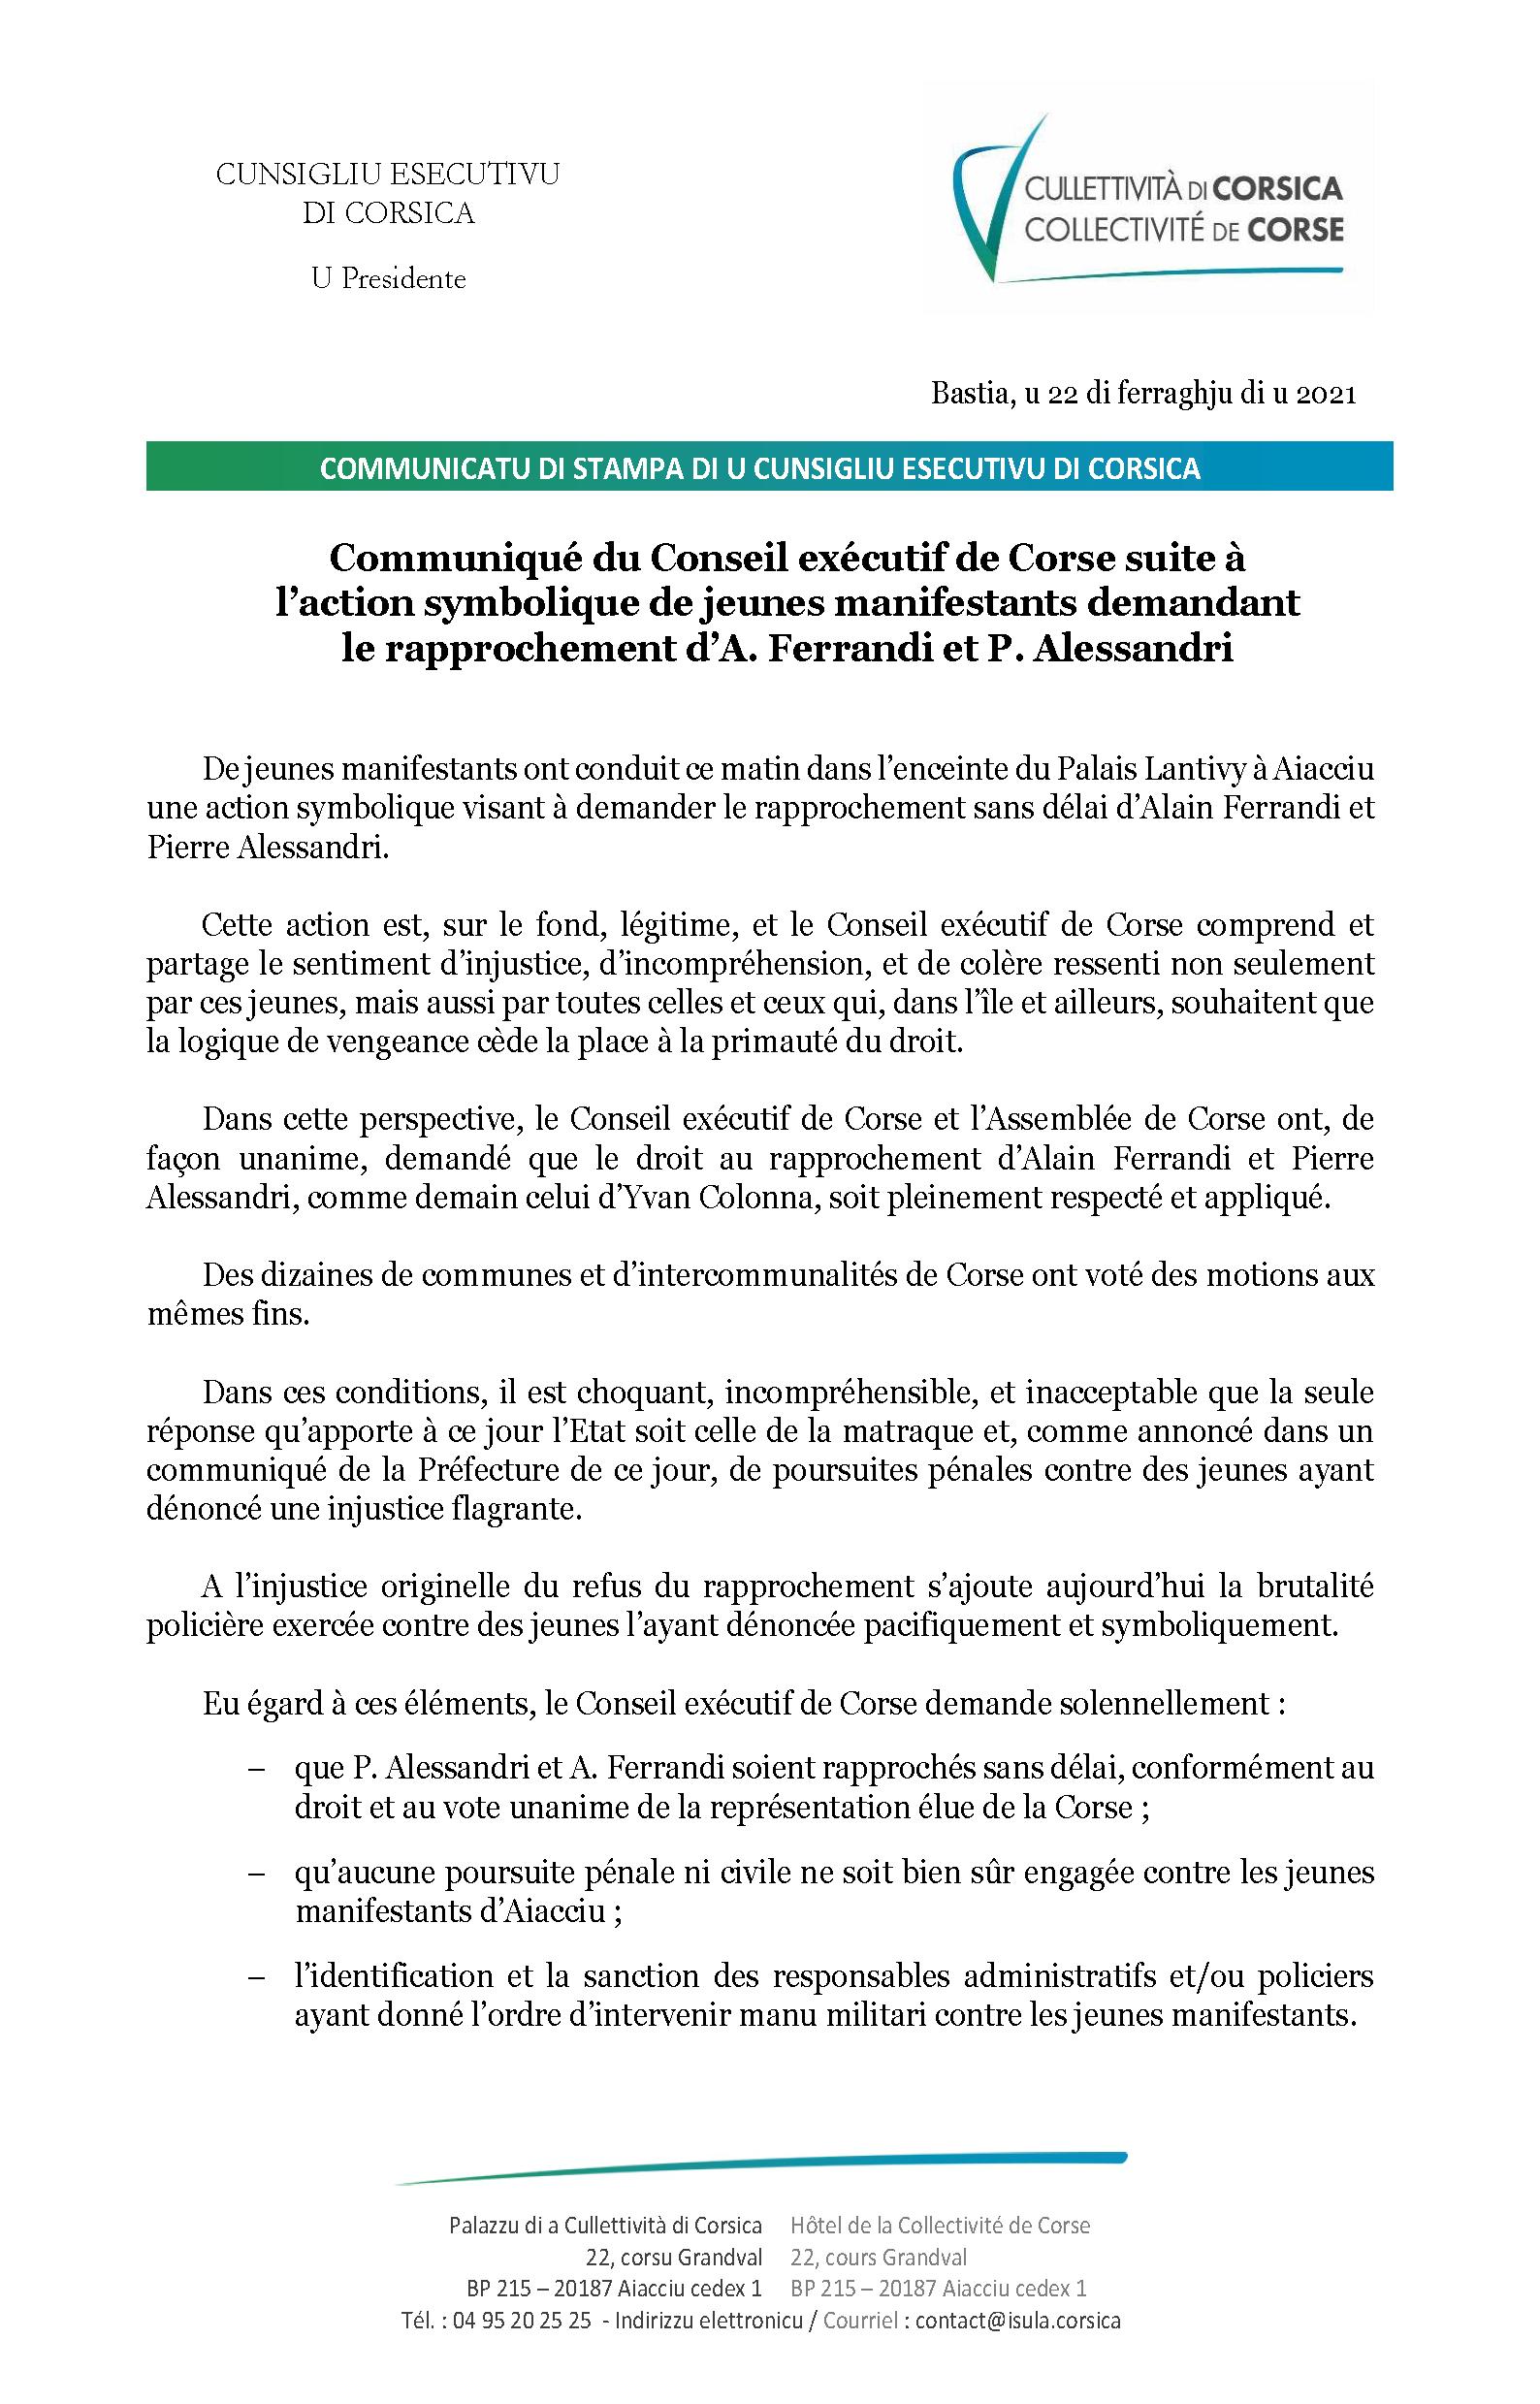 Communiqué du Conseil exécutif de Corse suite à l'action symbolique de jeunes manifestants demandant le rapprochement d'A. Ferrandi et P. Alessandri